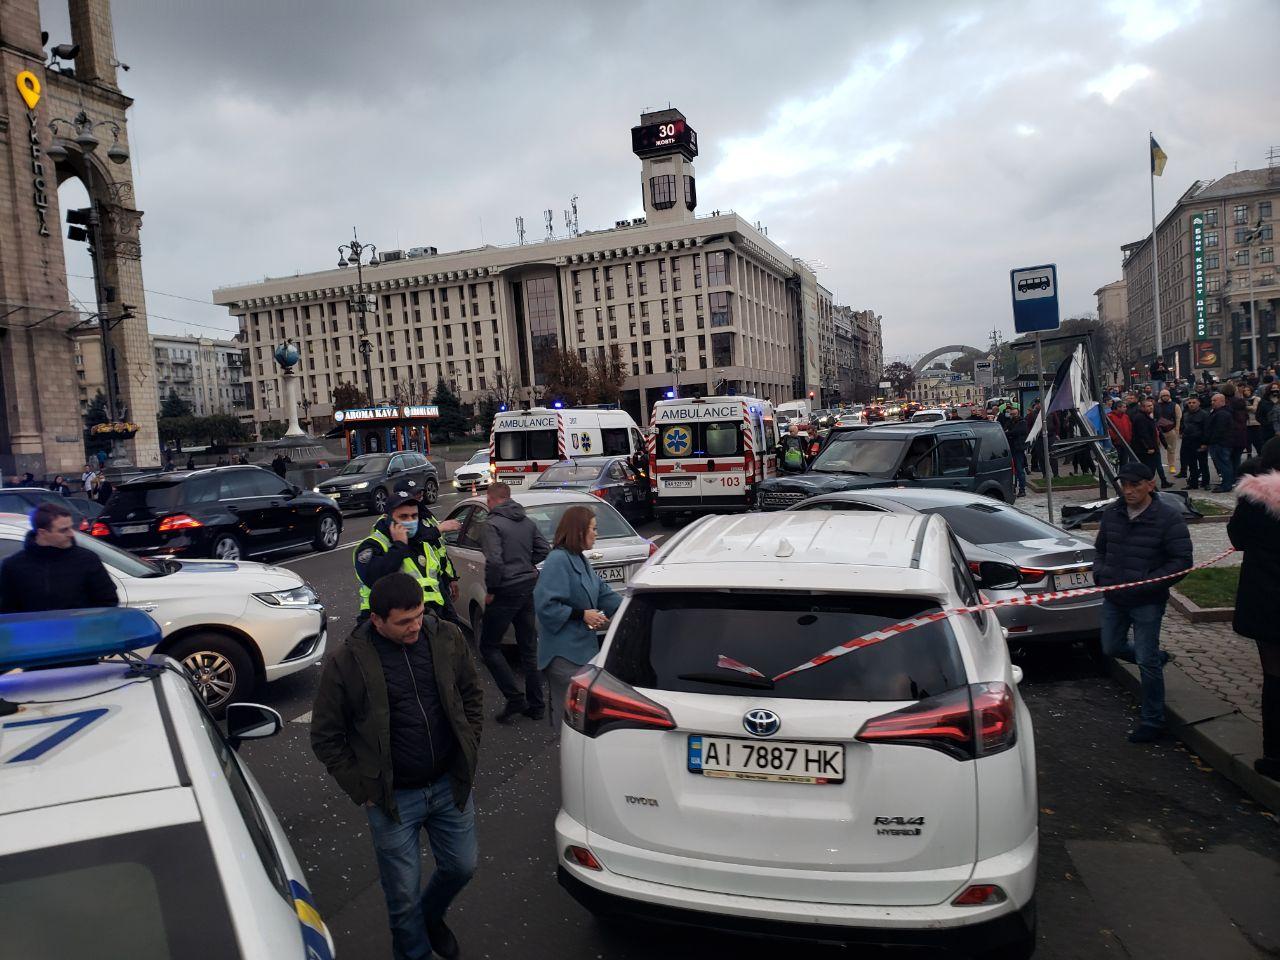 Давил людей и трощил авто — фото и видео смертельного ДТП на Майдане